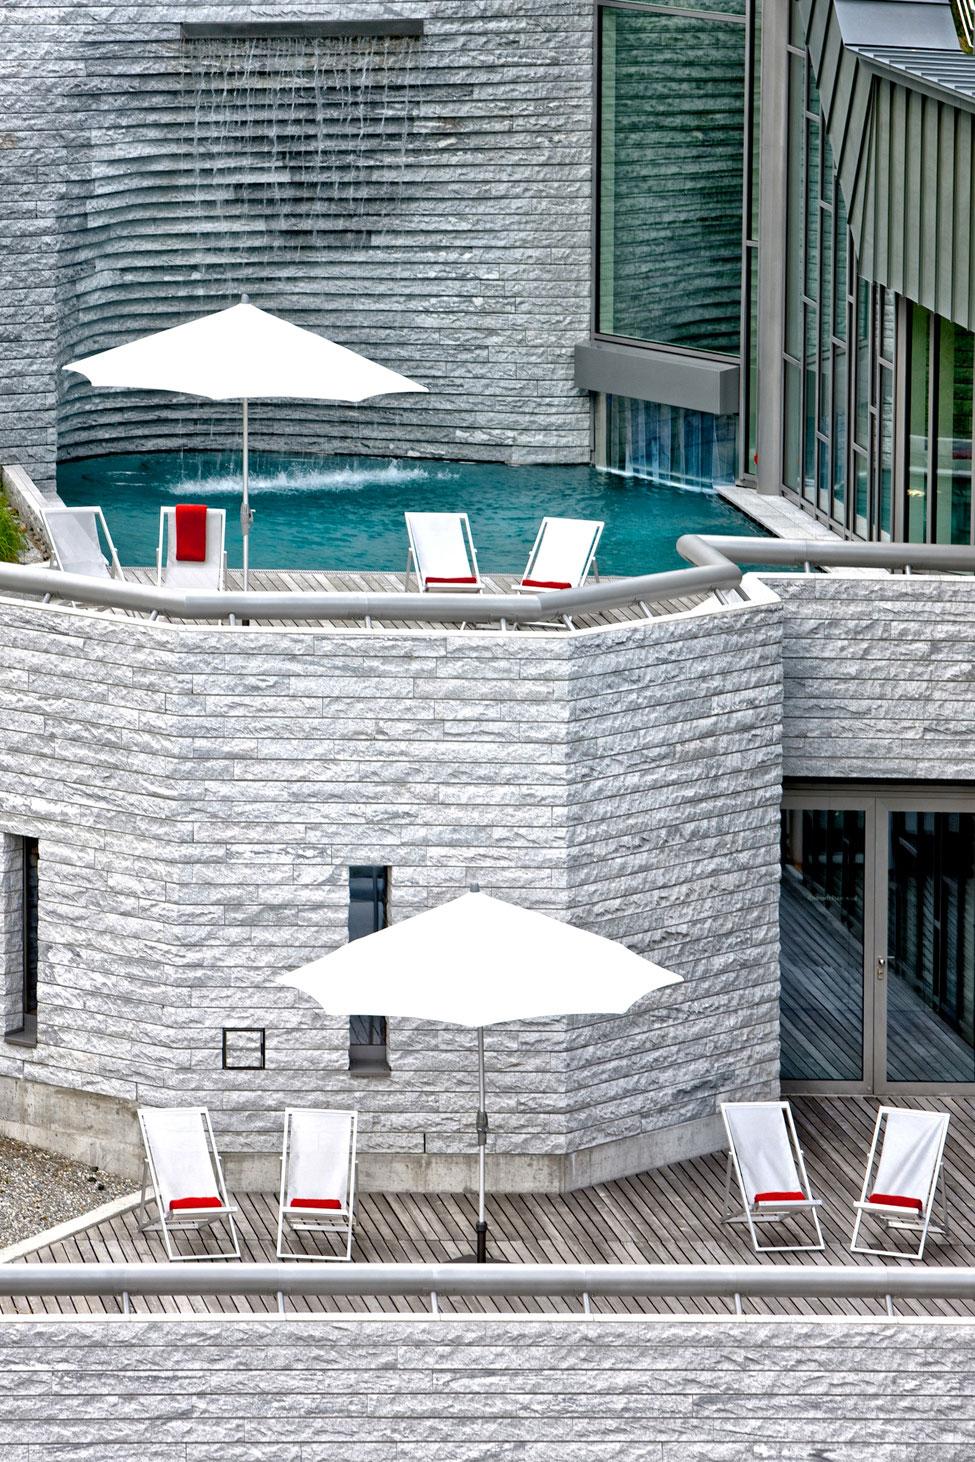 Tschuggen-Grand-Hotel-11